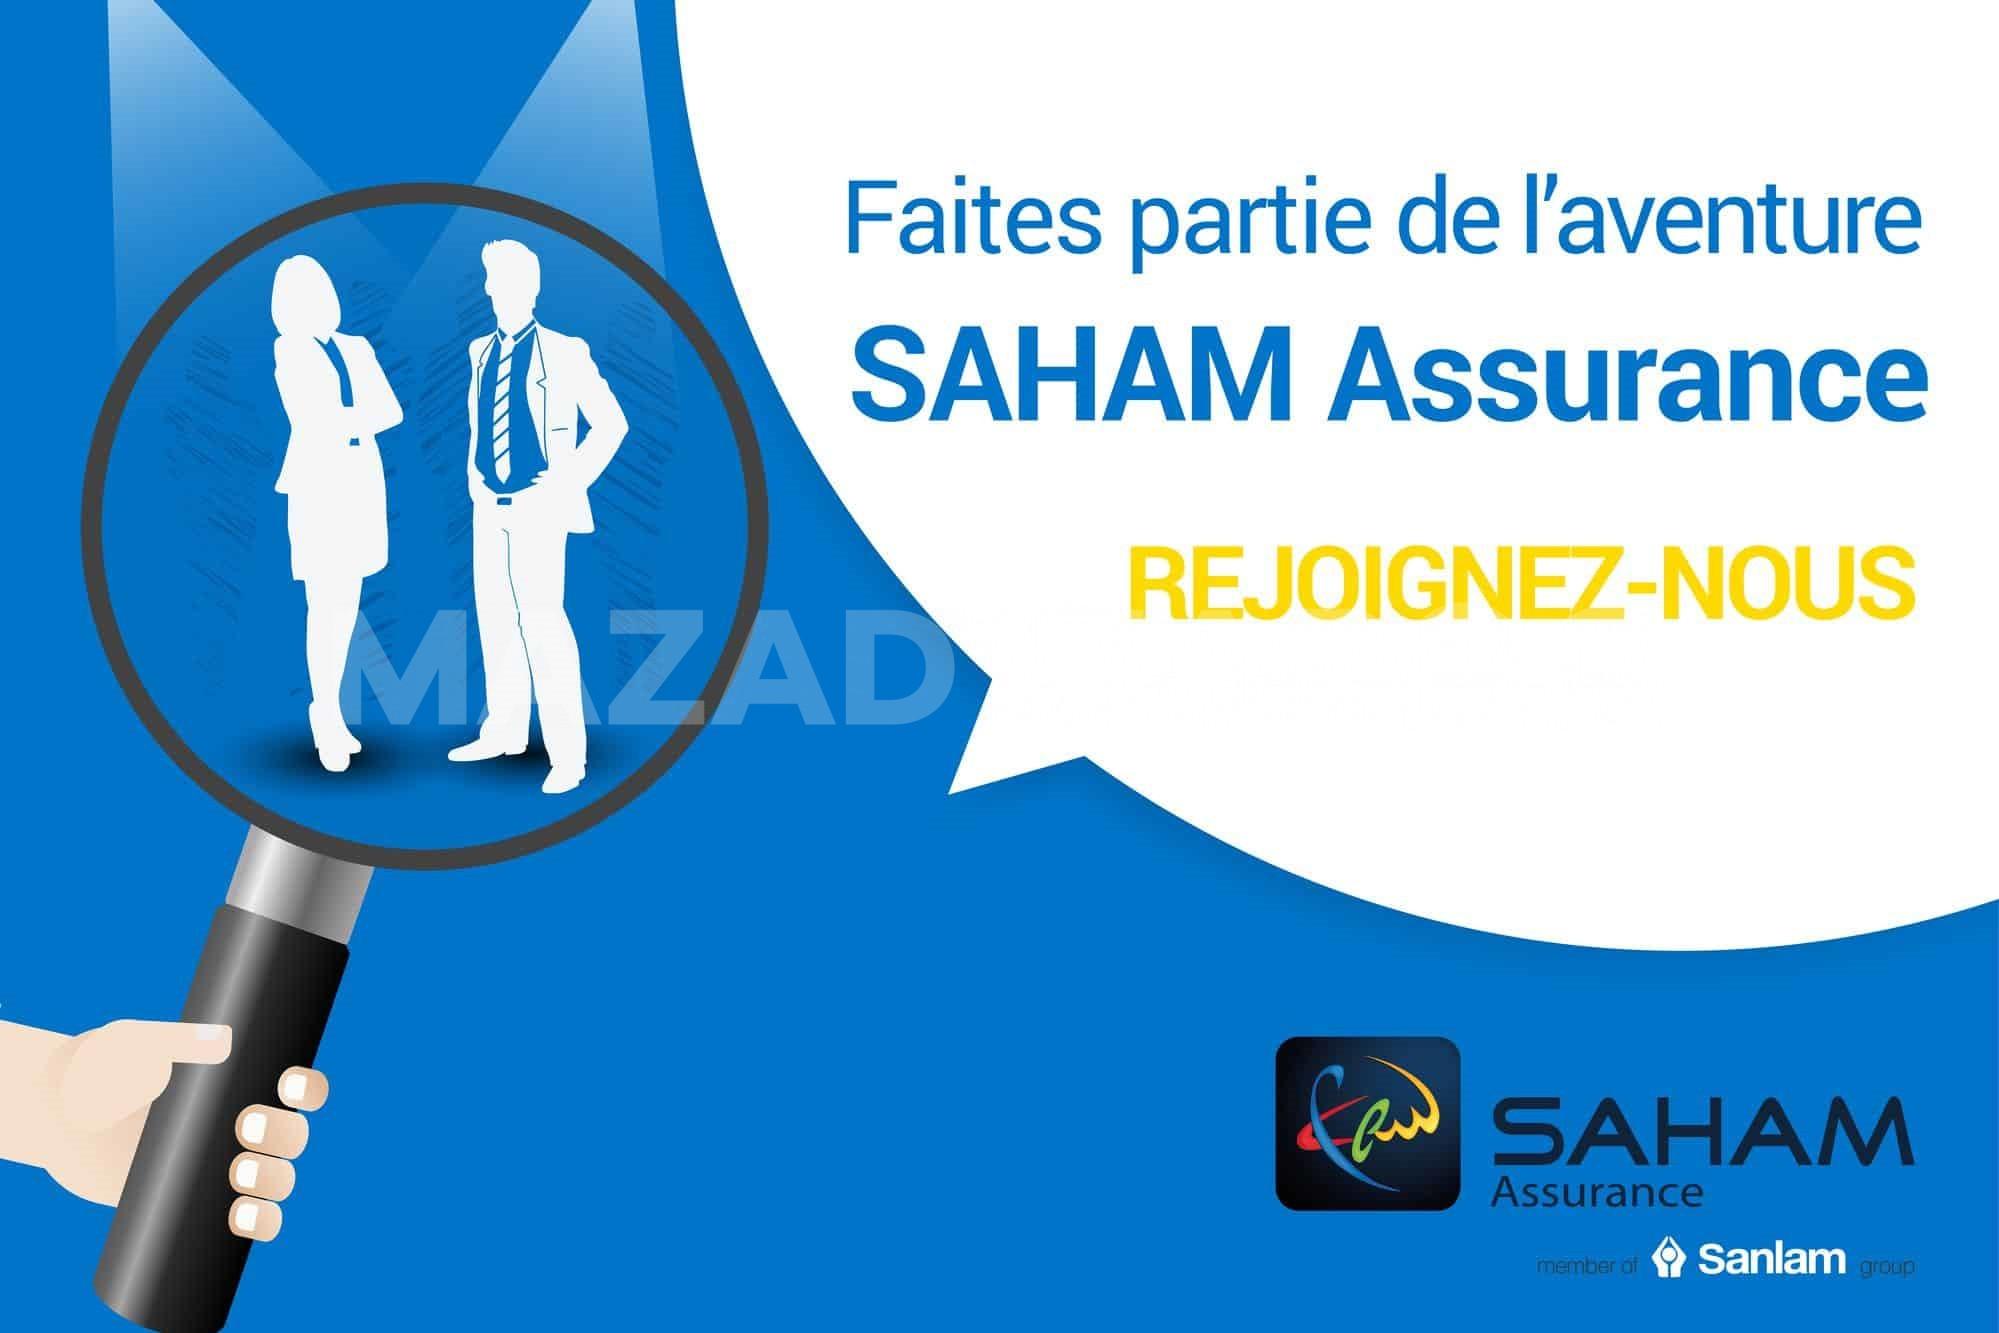 Rejoignez Saham Assurance en tant qu'Apporteurs d'Affaires